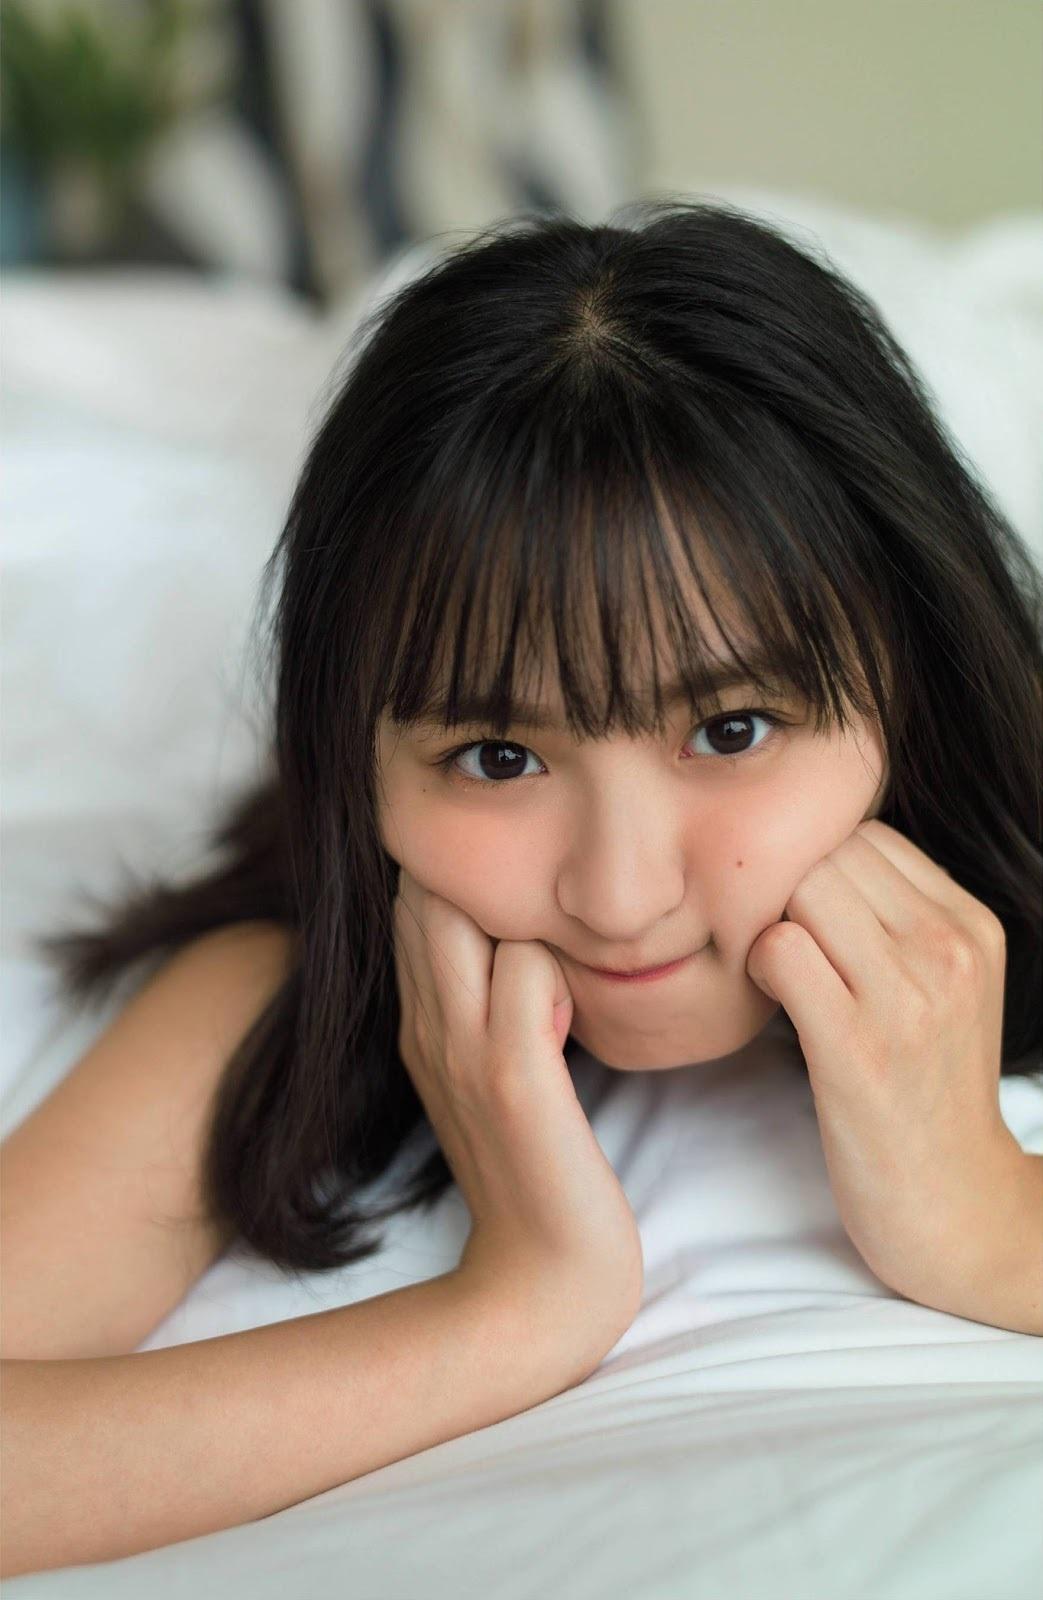 乃木坂46偶像远藤さくら开朗笑颜散发纯真气息 网络美女 第26张